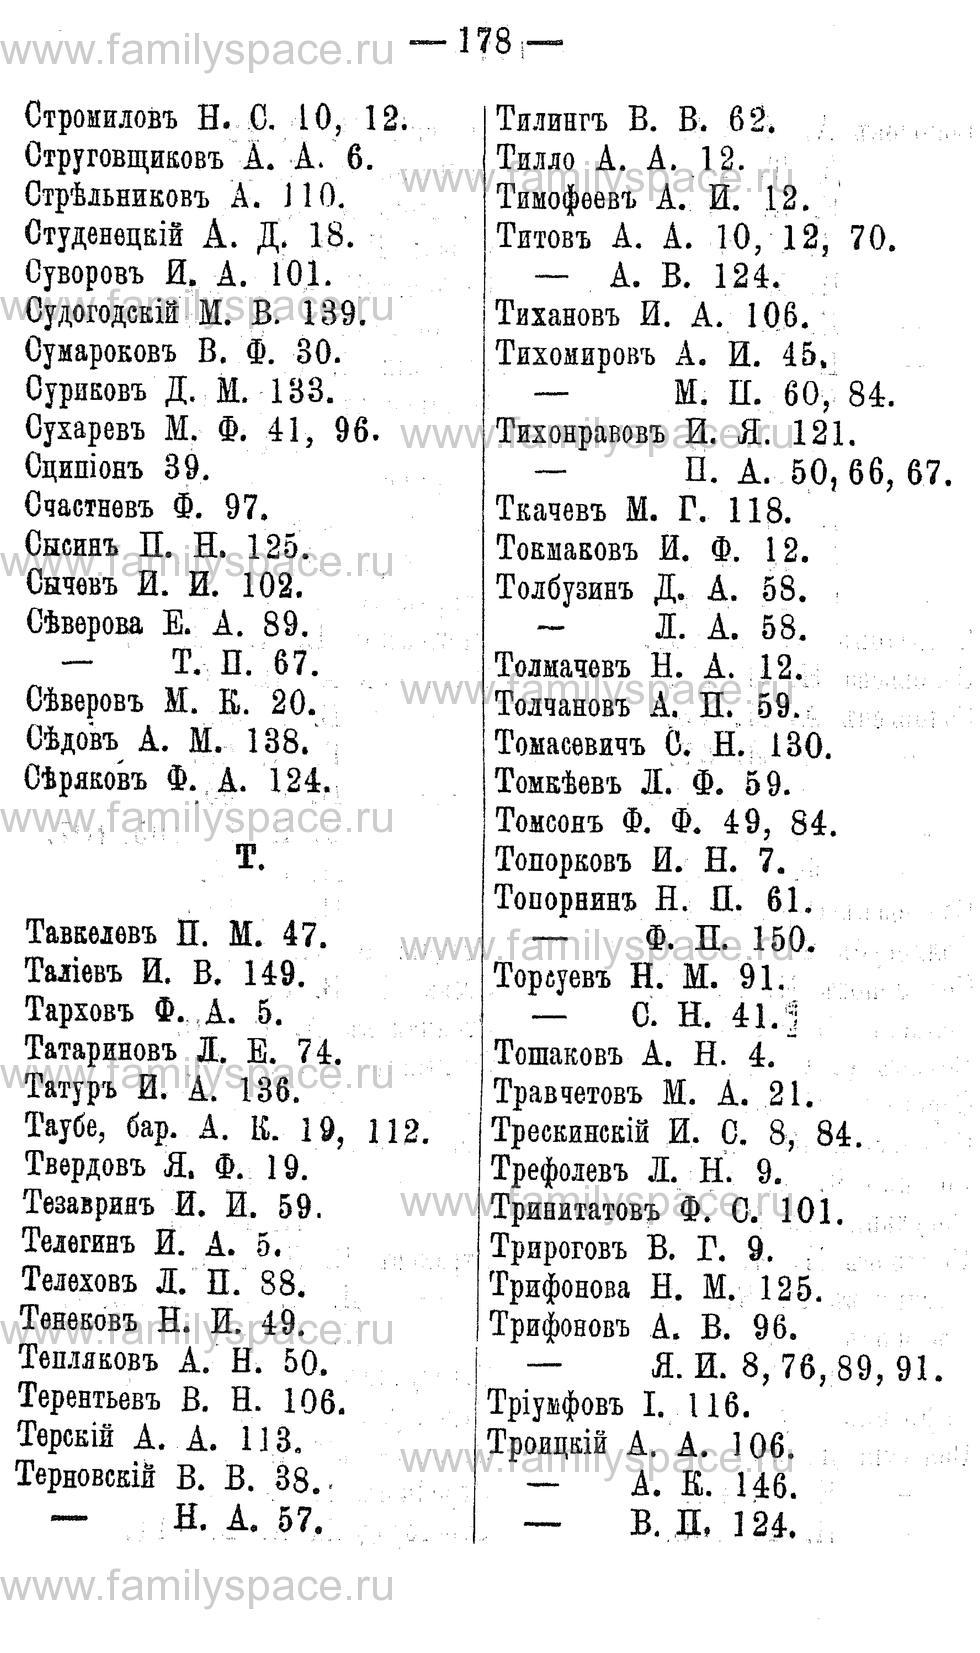 Поиск по фамилии - Адрес-календарь Нижегородской губернии на 1891 год, страница 178